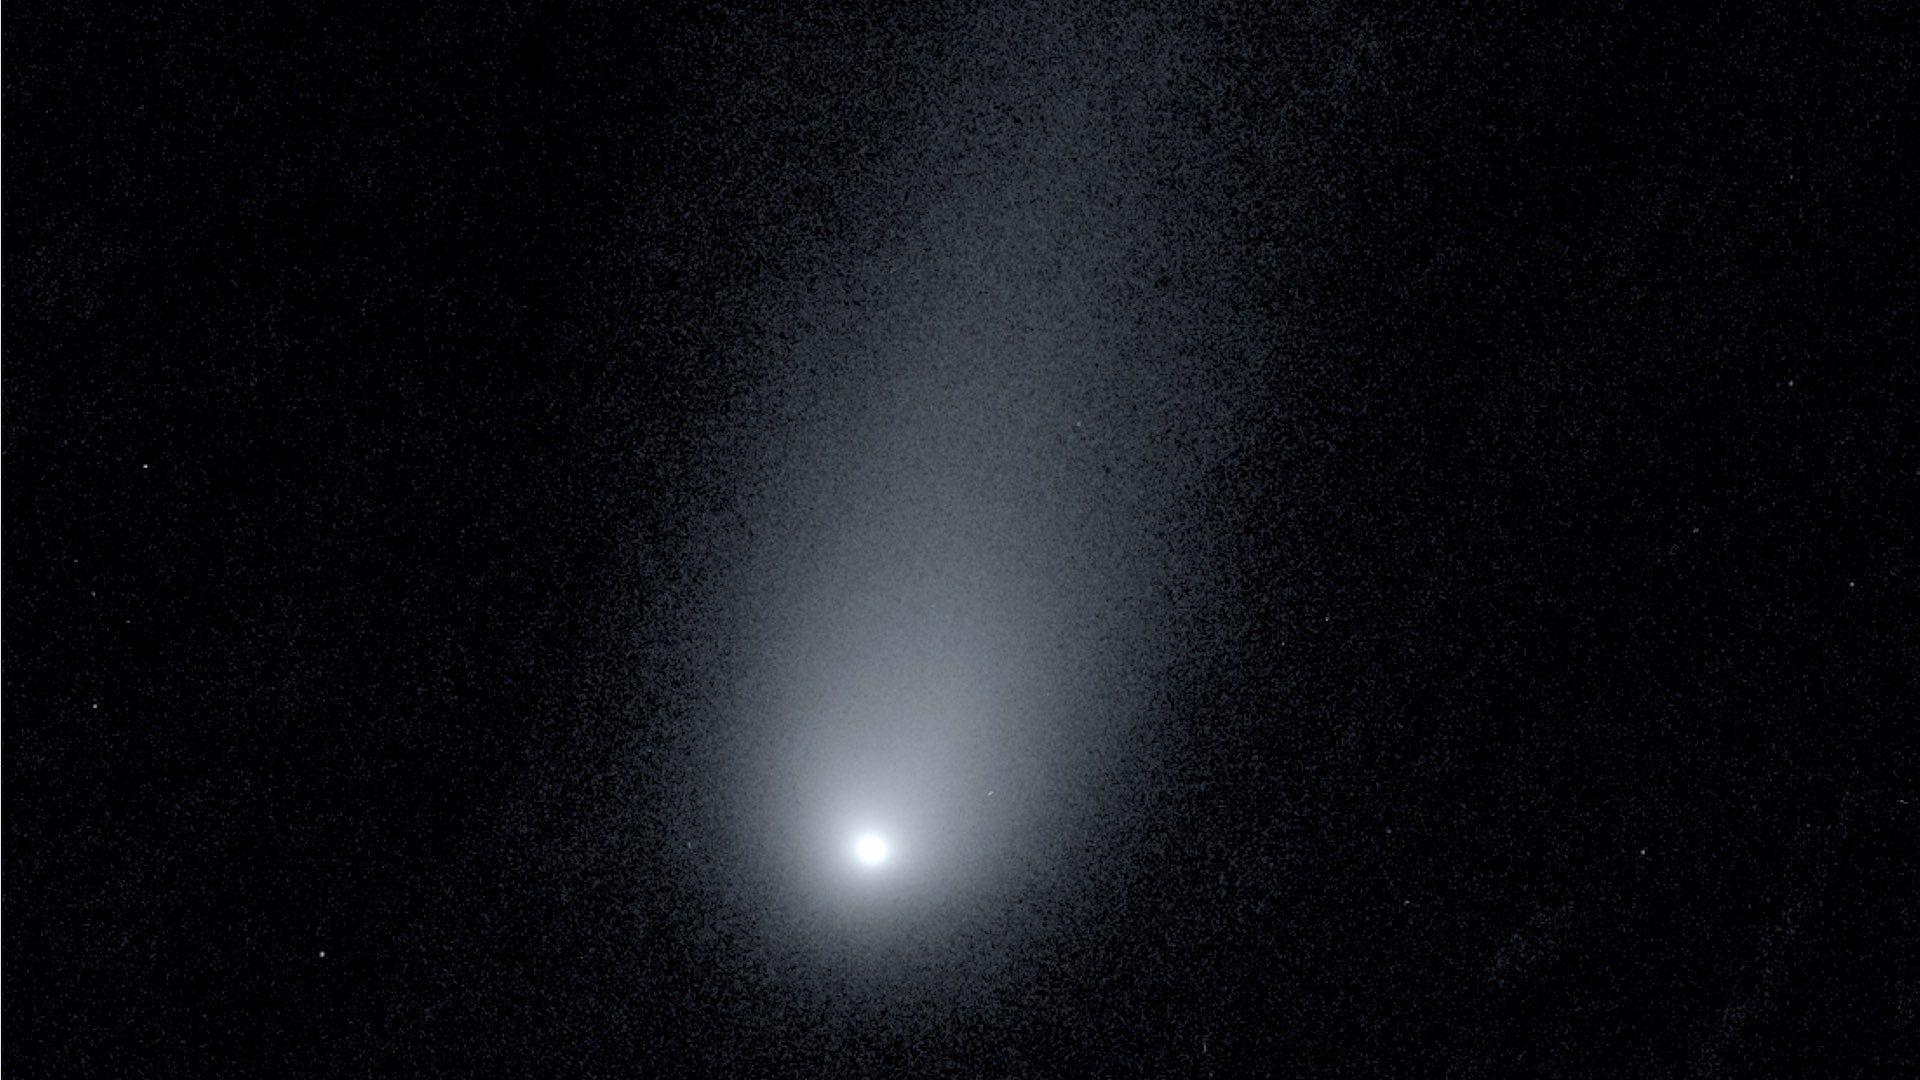 A photo of the interstellar comet 2I/Borisov.